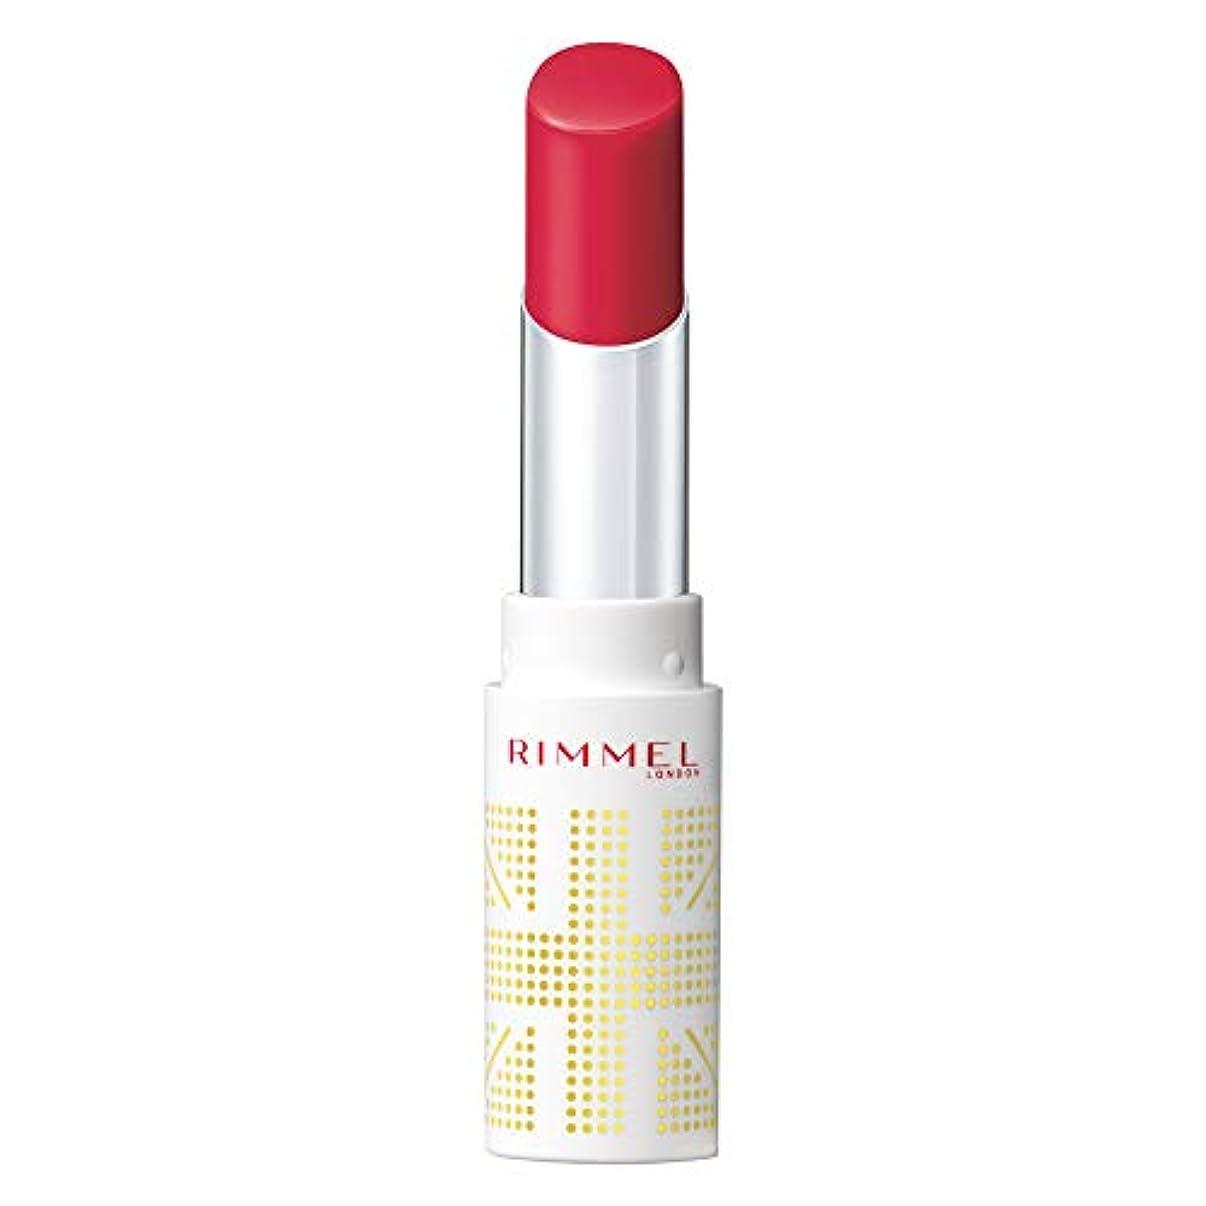 類推めるグラフRimmel (リンメル) リンメル ラスティングフィニッシュ オイルティントリップ 001 ベリーピンク 3.8g 口紅